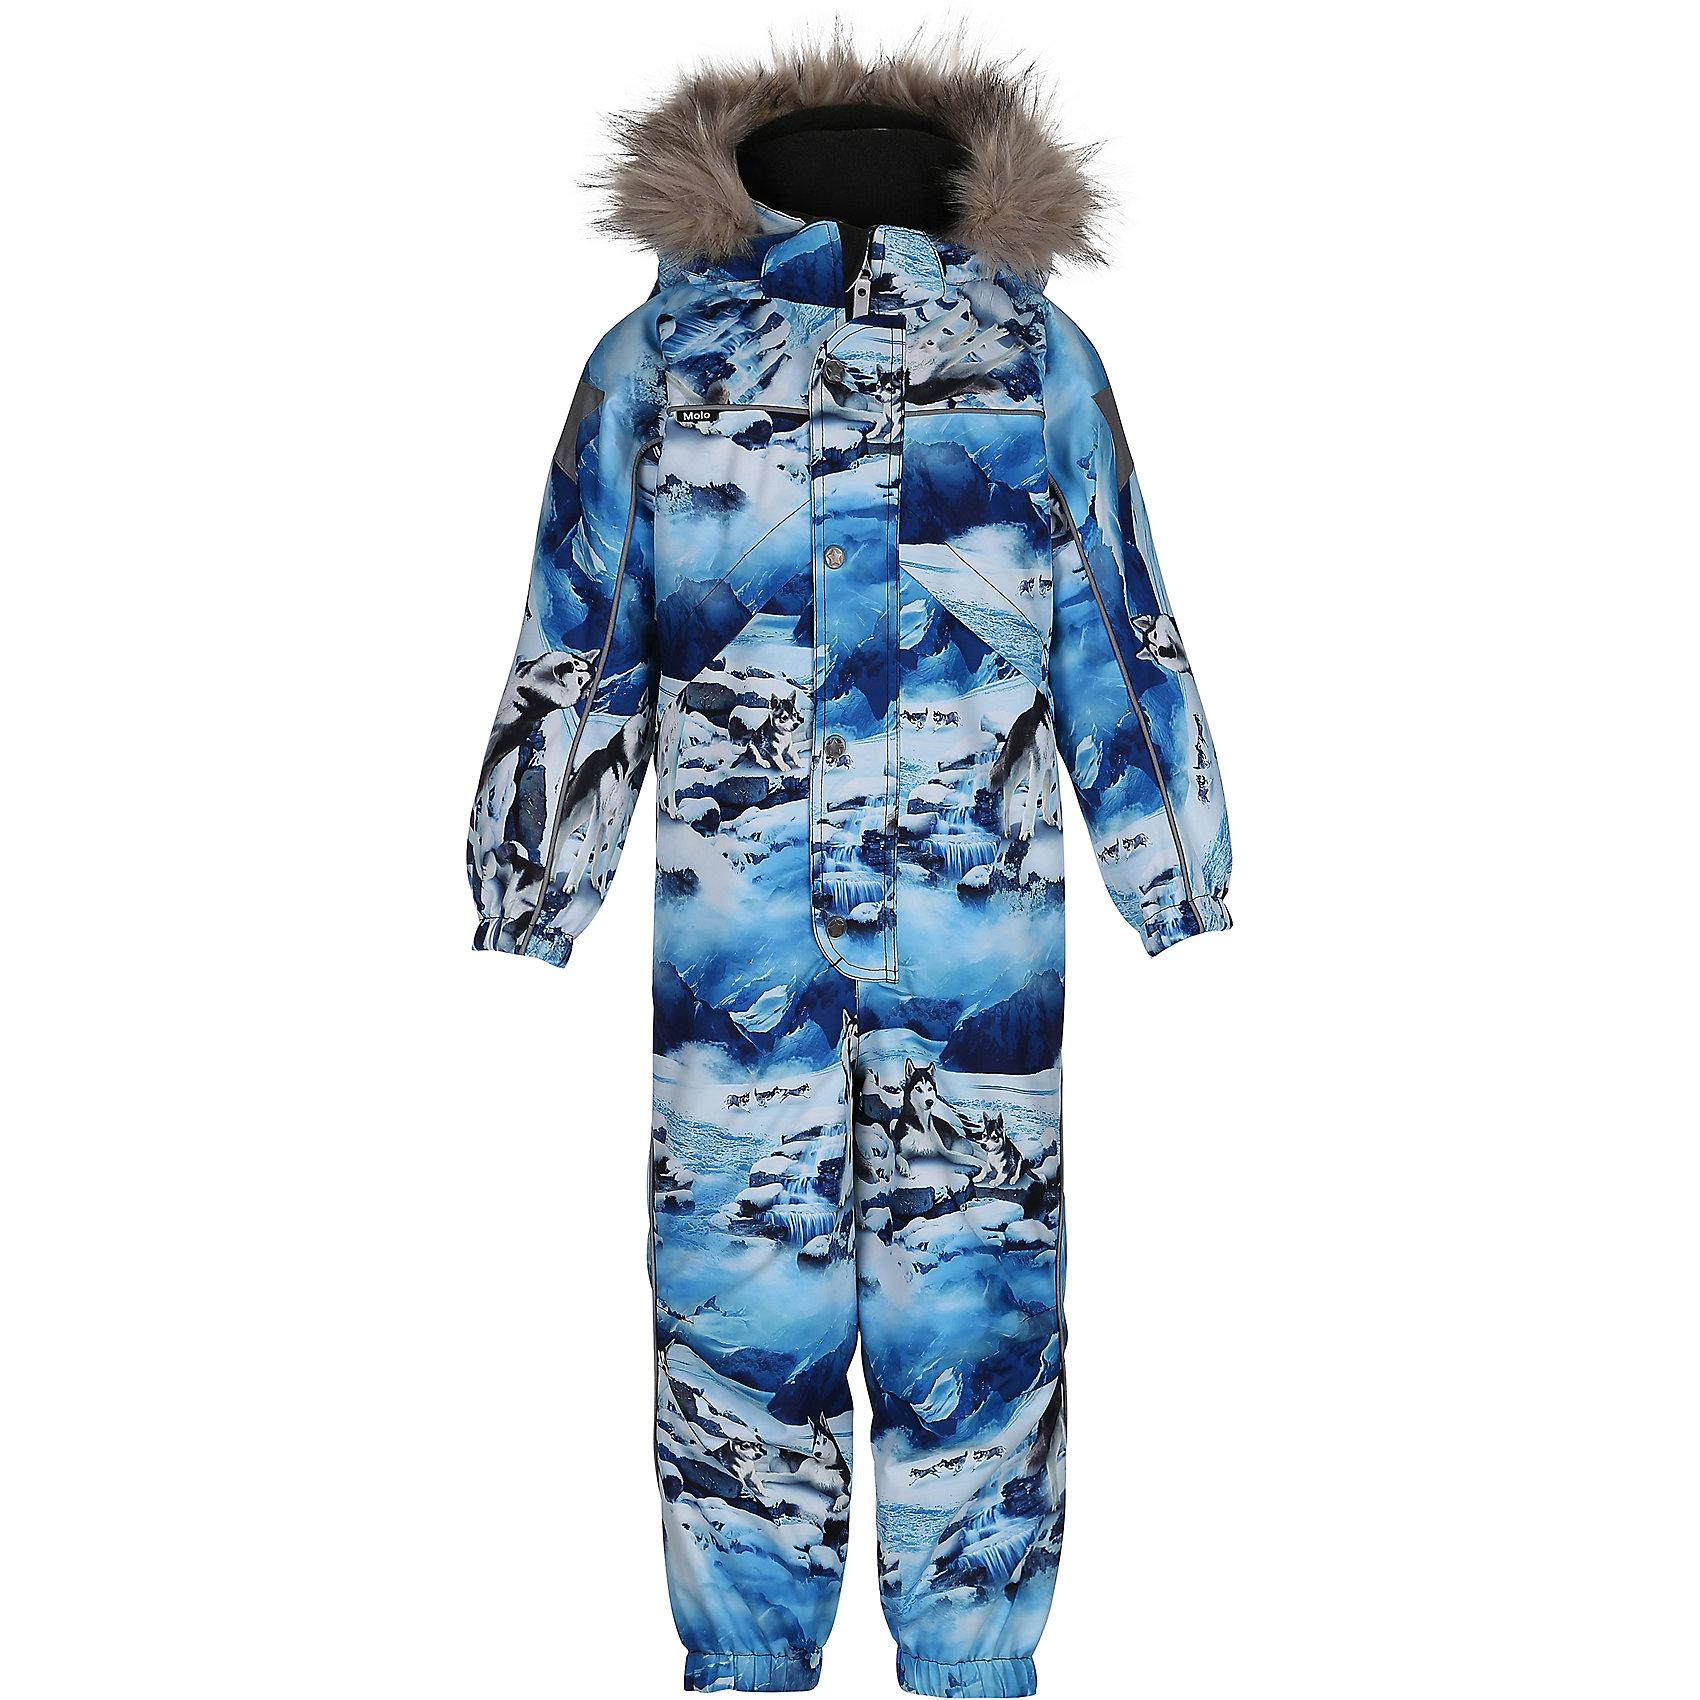 Комбинезон MOLO для мальчикаВерхняя одежда<br>Зимний комбинезон Molo <br>• состав: 100% нейлон, 100% полиэстер<br>• температурный режим: 0° до -25° градусов<br>• утеплитель:  ThinsulateTM  прекрасно сохраняющий тепло,  позволяет телу дышать и остается при этом сухим и легким<br>• водонепроницаемость: 10 000 мм<br>• отвод влаги: 8 000 г/м2/24ч<br>• основные швы проклеены<br>• съёмный капюшон<br>• удобные молнии<br>• «дышащий» материал<br>• ветро- водо- и грязеотталкивающий материал<br>• ветрозащитная планка<br>• комфортная посадка<br>• прочные съёмные силиконовые штрипки<br>• страна производства: Китай<br>• страна бренда: Дания <br> Фантастический и причудливый датский бренд Molo это самый актуальный и стильный дизайн в детской одежде для маленьких модников.<br><br>Ширина мм: 215<br>Глубина мм: 88<br>Высота мм: 191<br>Вес г: 336<br>Цвет: белый<br>Возраст от месяцев: 72<br>Возраст до месяцев: 84<br>Пол: Мужской<br>Возраст: Детский<br>Размер: 122,104,110,116<br>SKU: 6995064